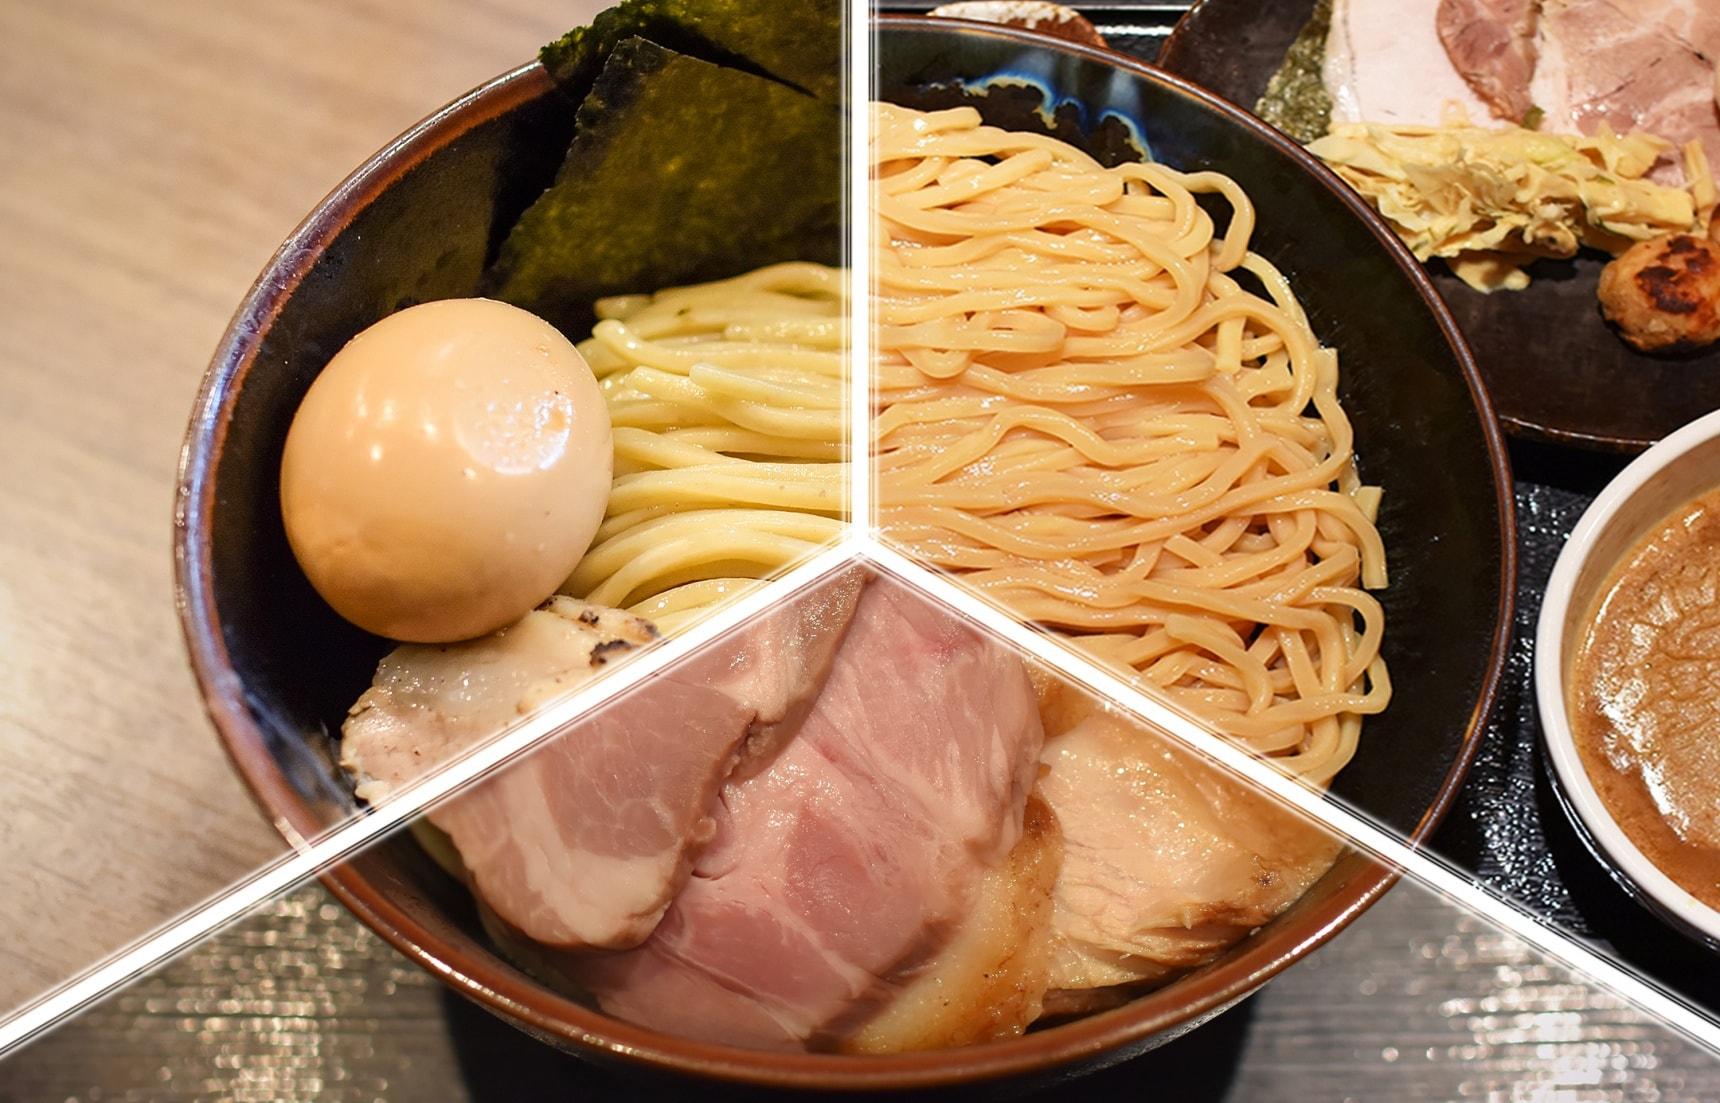 【日本美食】超人氣!東京必吃沾麵店實戰分享